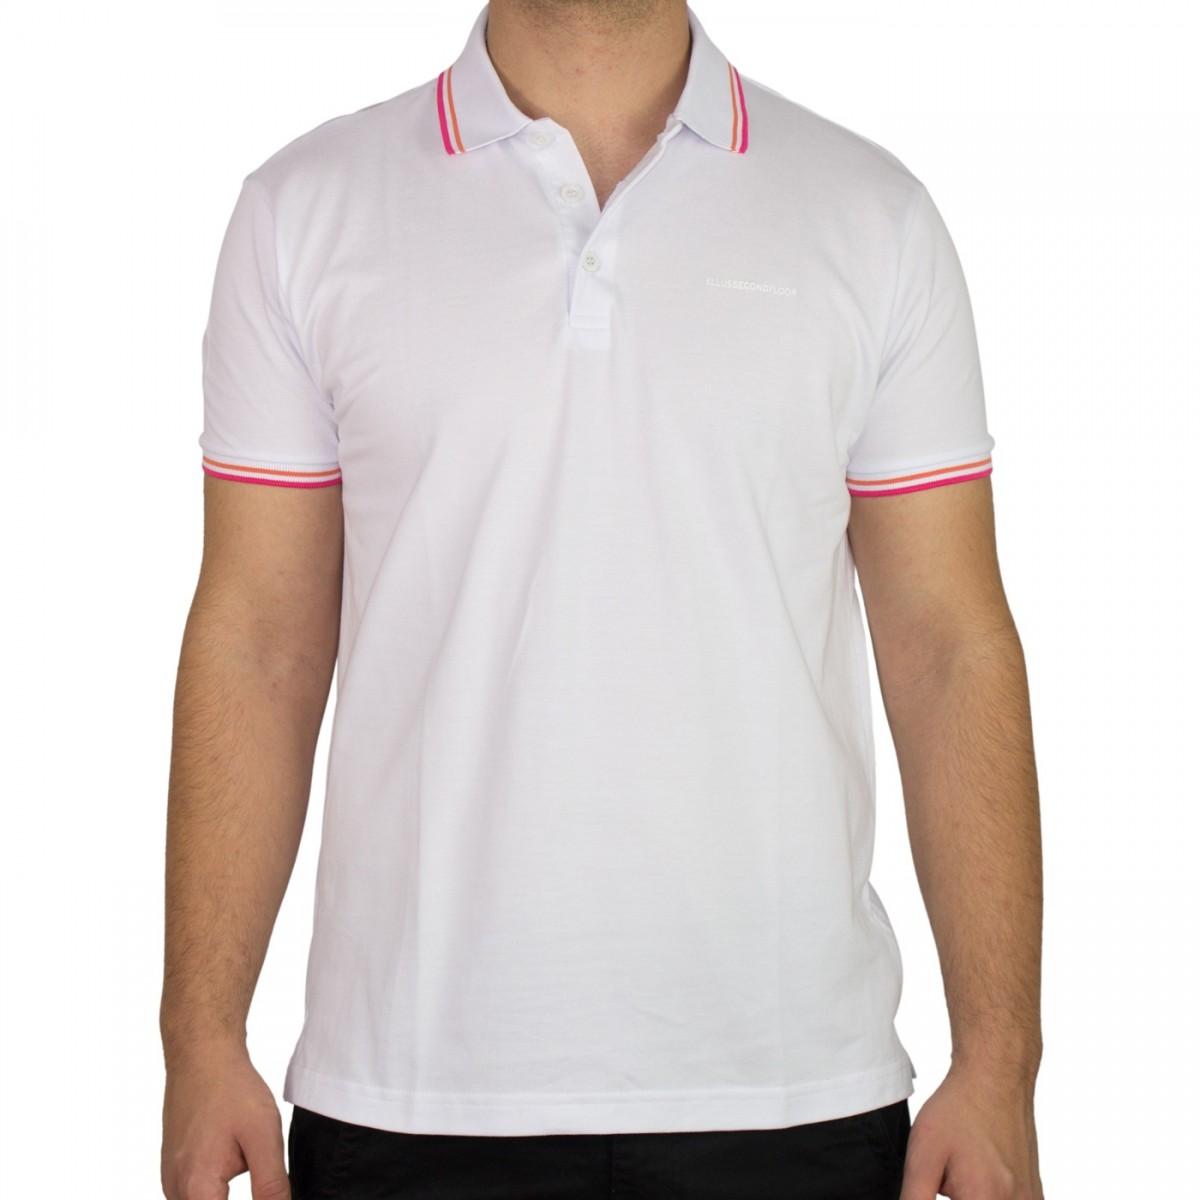 7b0de321884 Bizz Store - Camisa Polo Masculina Ellus Second Floor Piquet